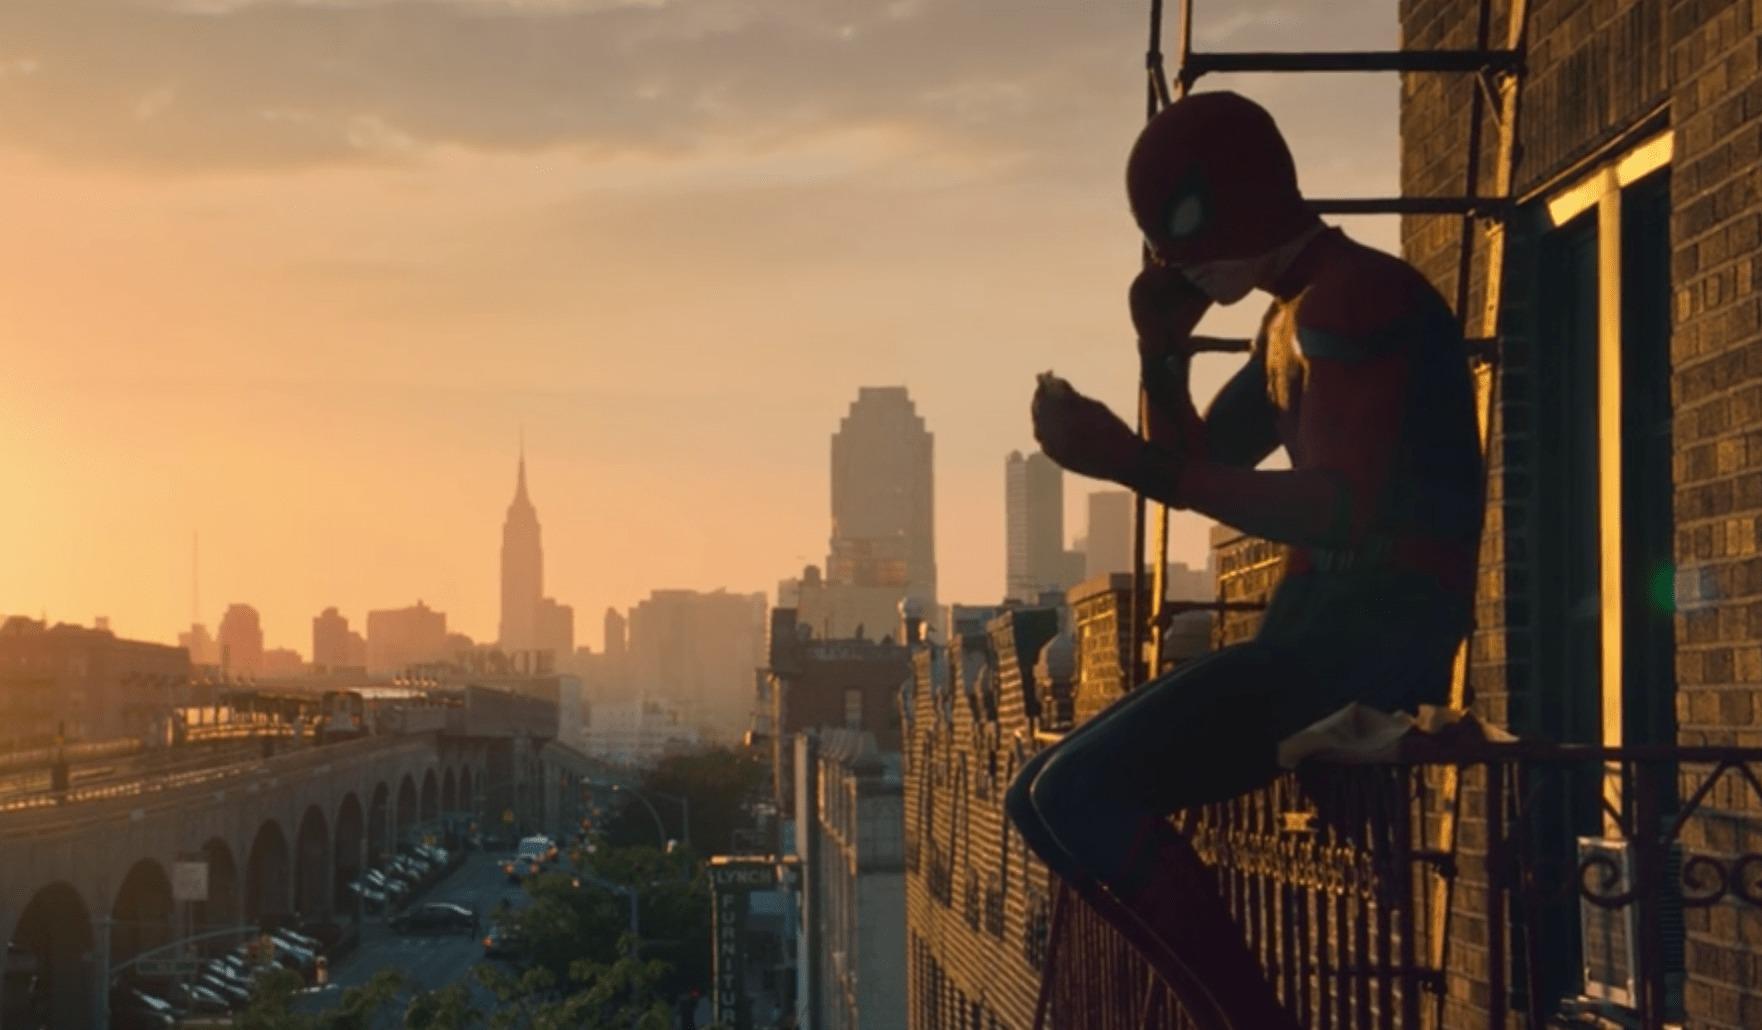 スパイダーマン:ホームカミングを無料動画でネタバレ紹介する記事